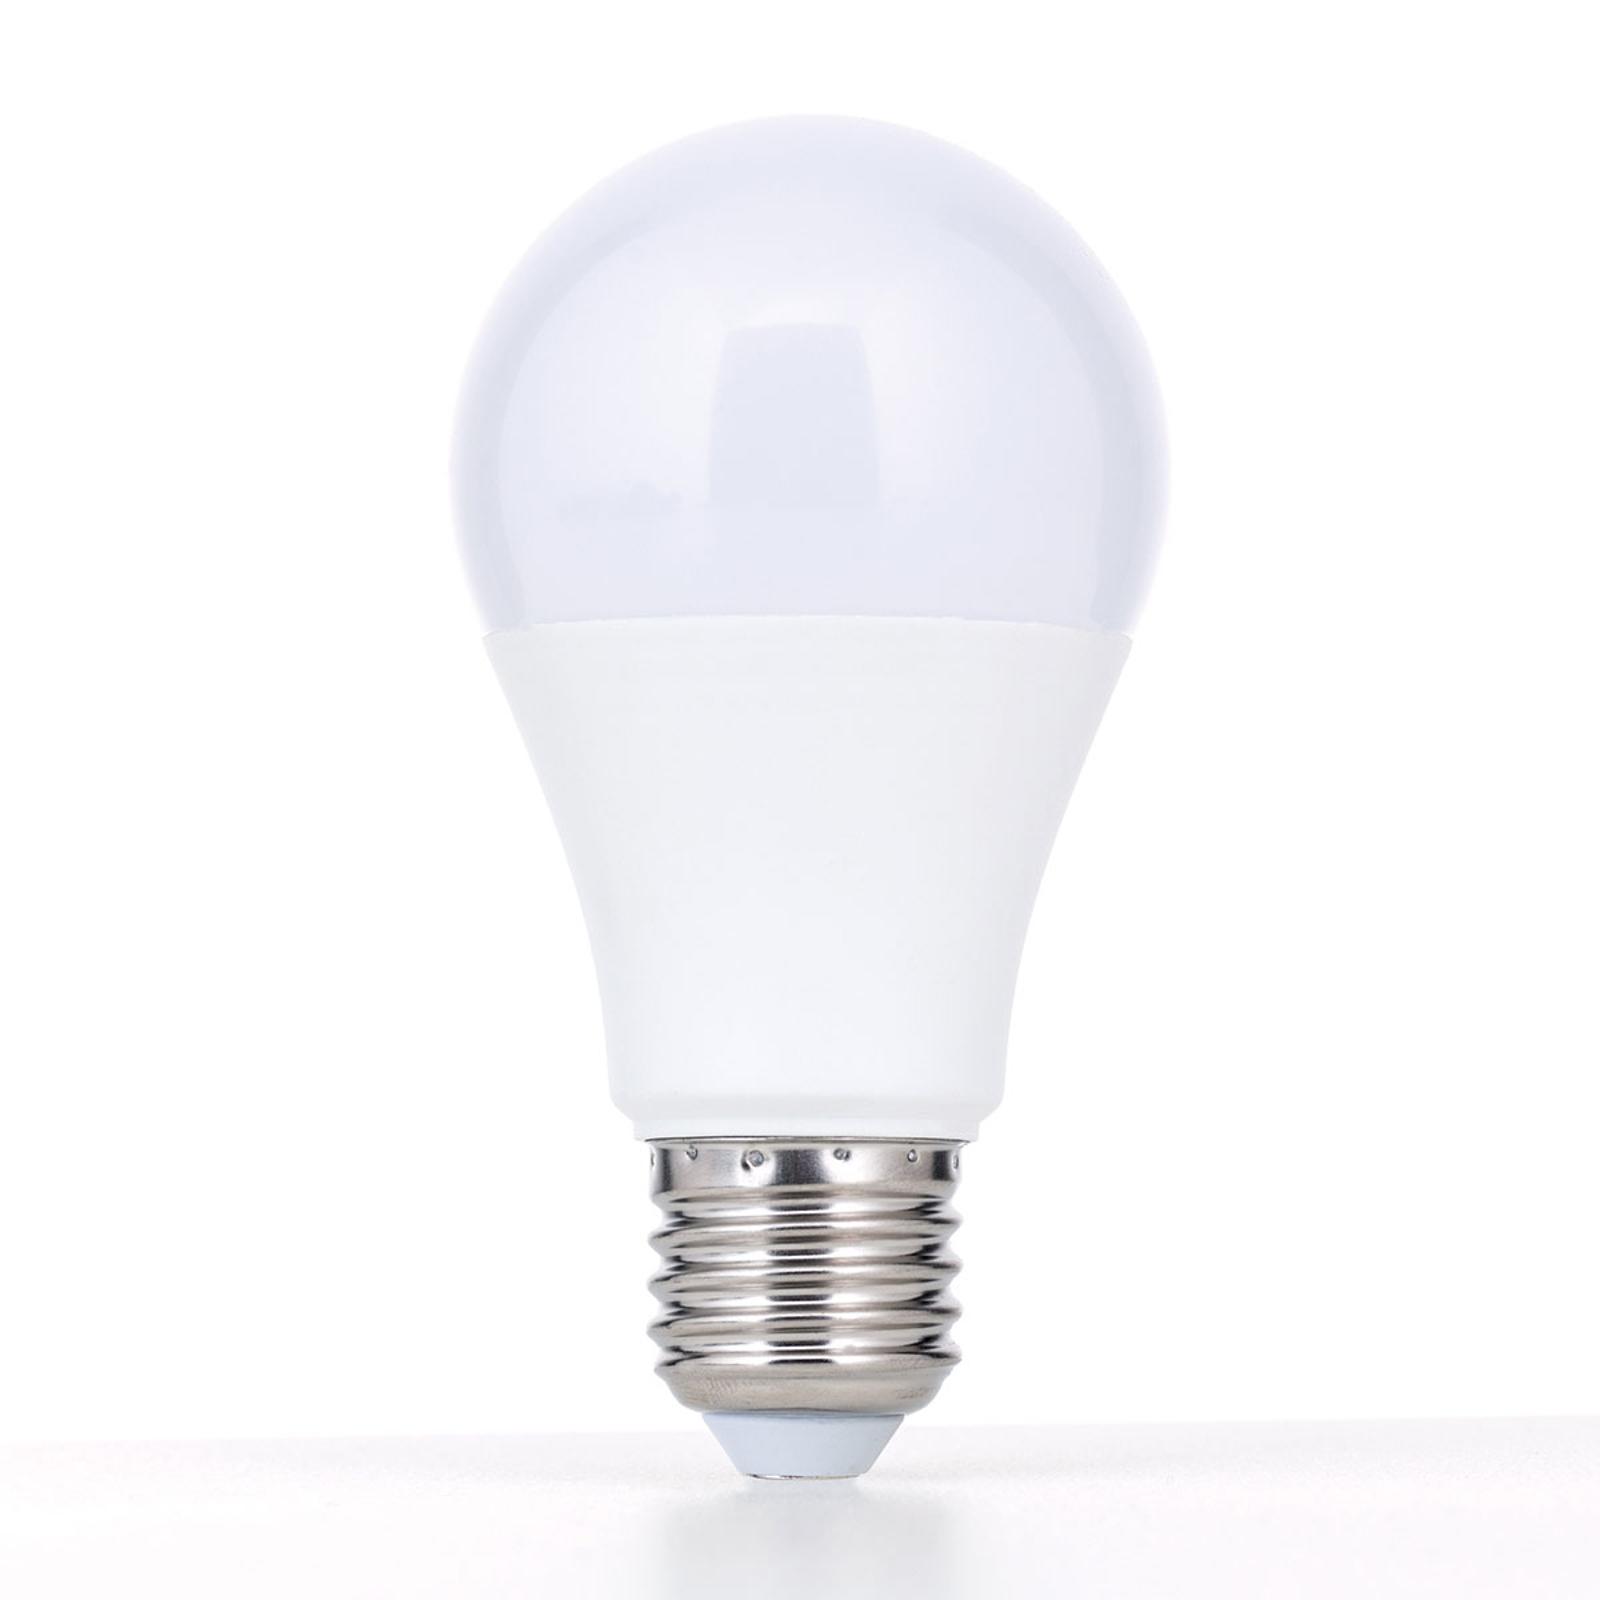 E27 LED 5W opale bianco caldo non dimmerabile